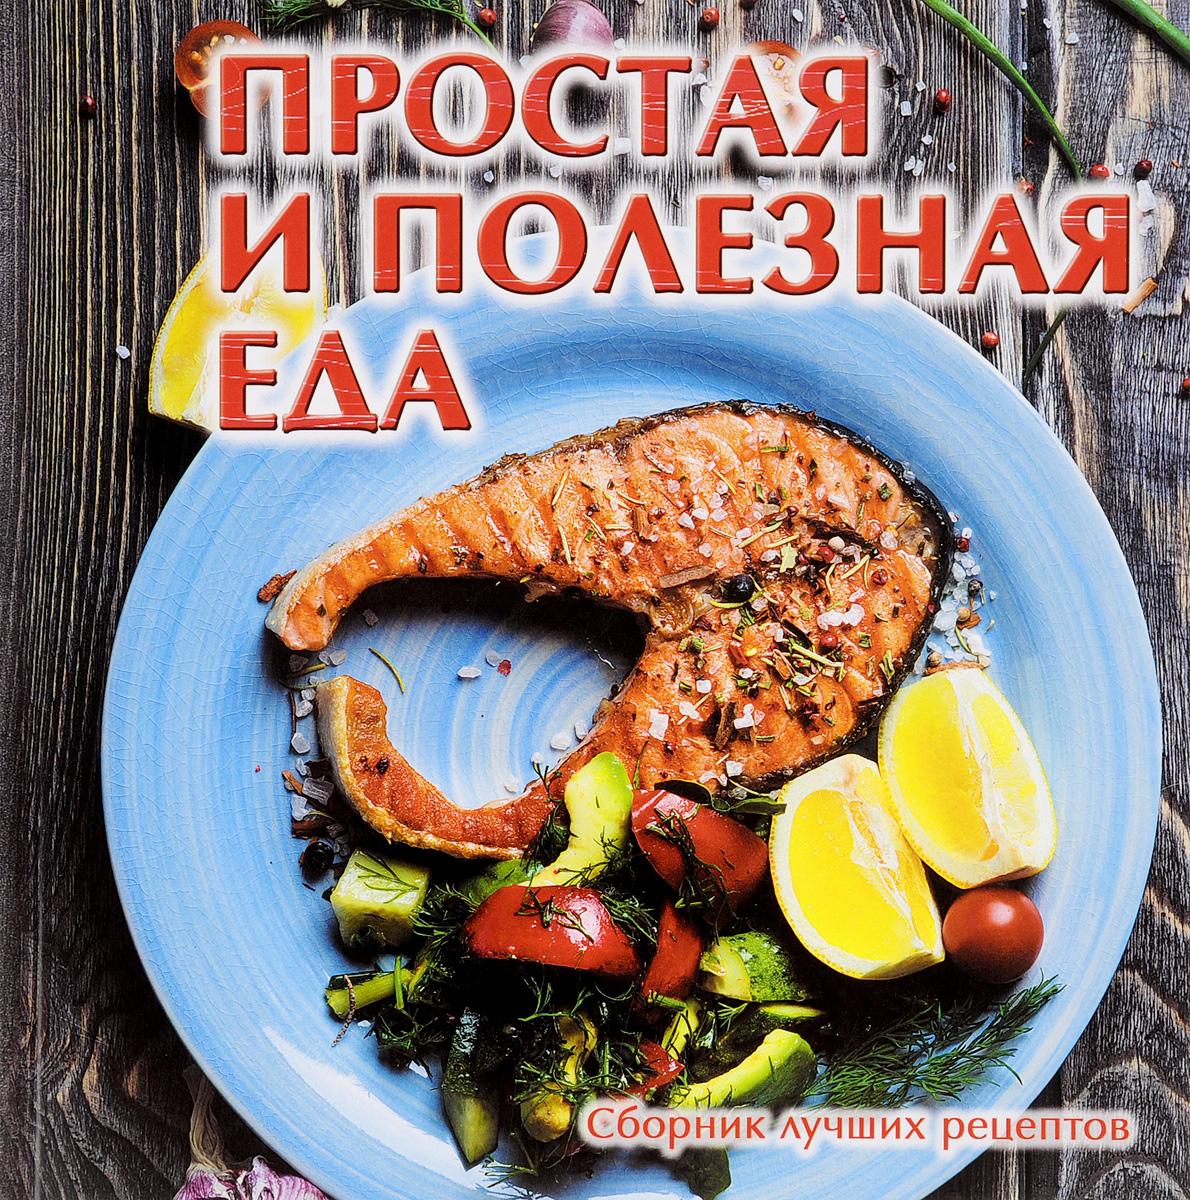 Сборник лучших рецептов. Простая и полезная еда